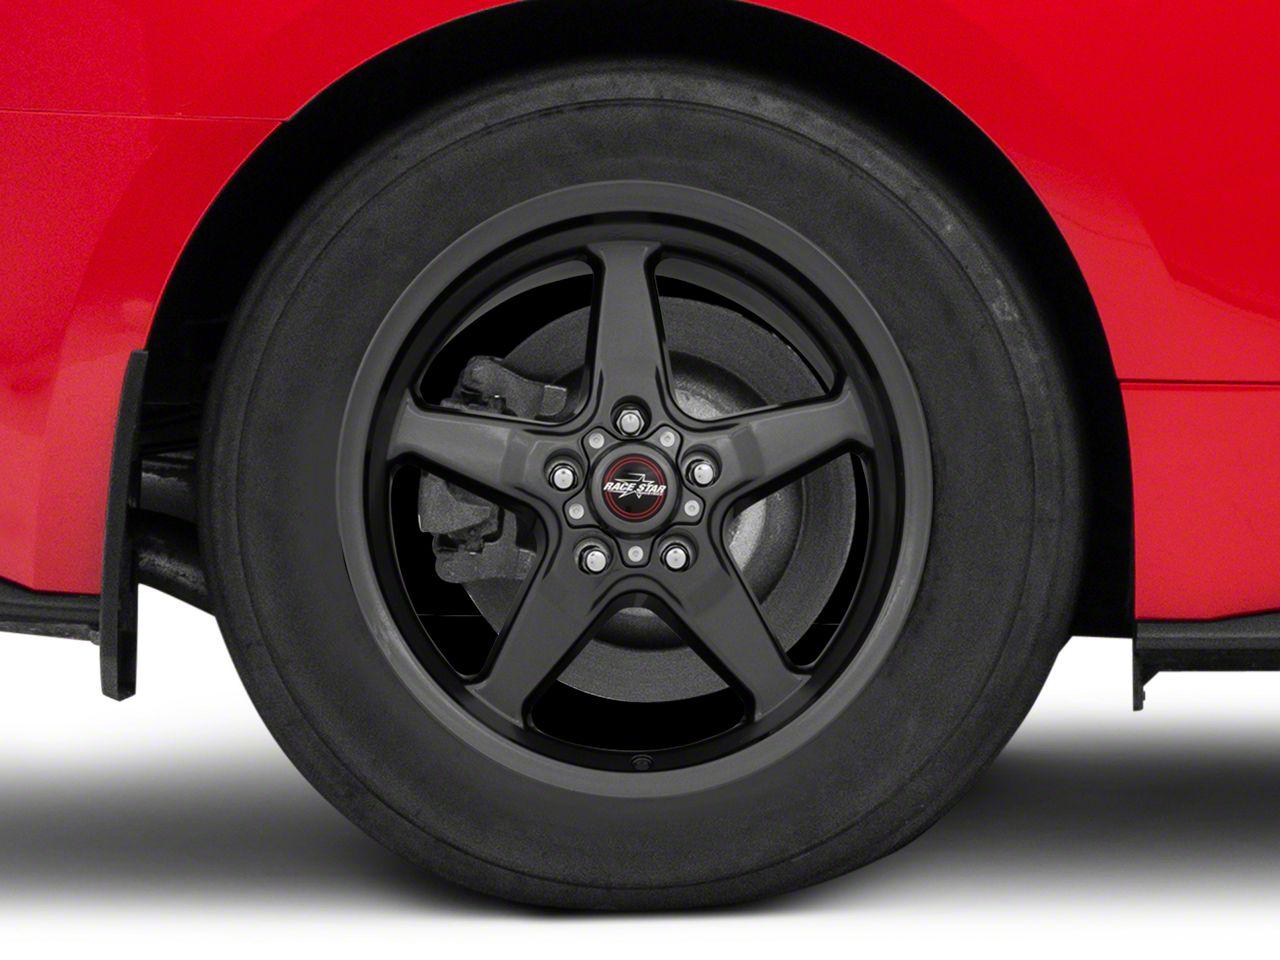 Race Star 92 Drag Star Bracket Racer Metallic Gray Wheel - 17x9.5 (15-19 GT, EcoBoost, V6)